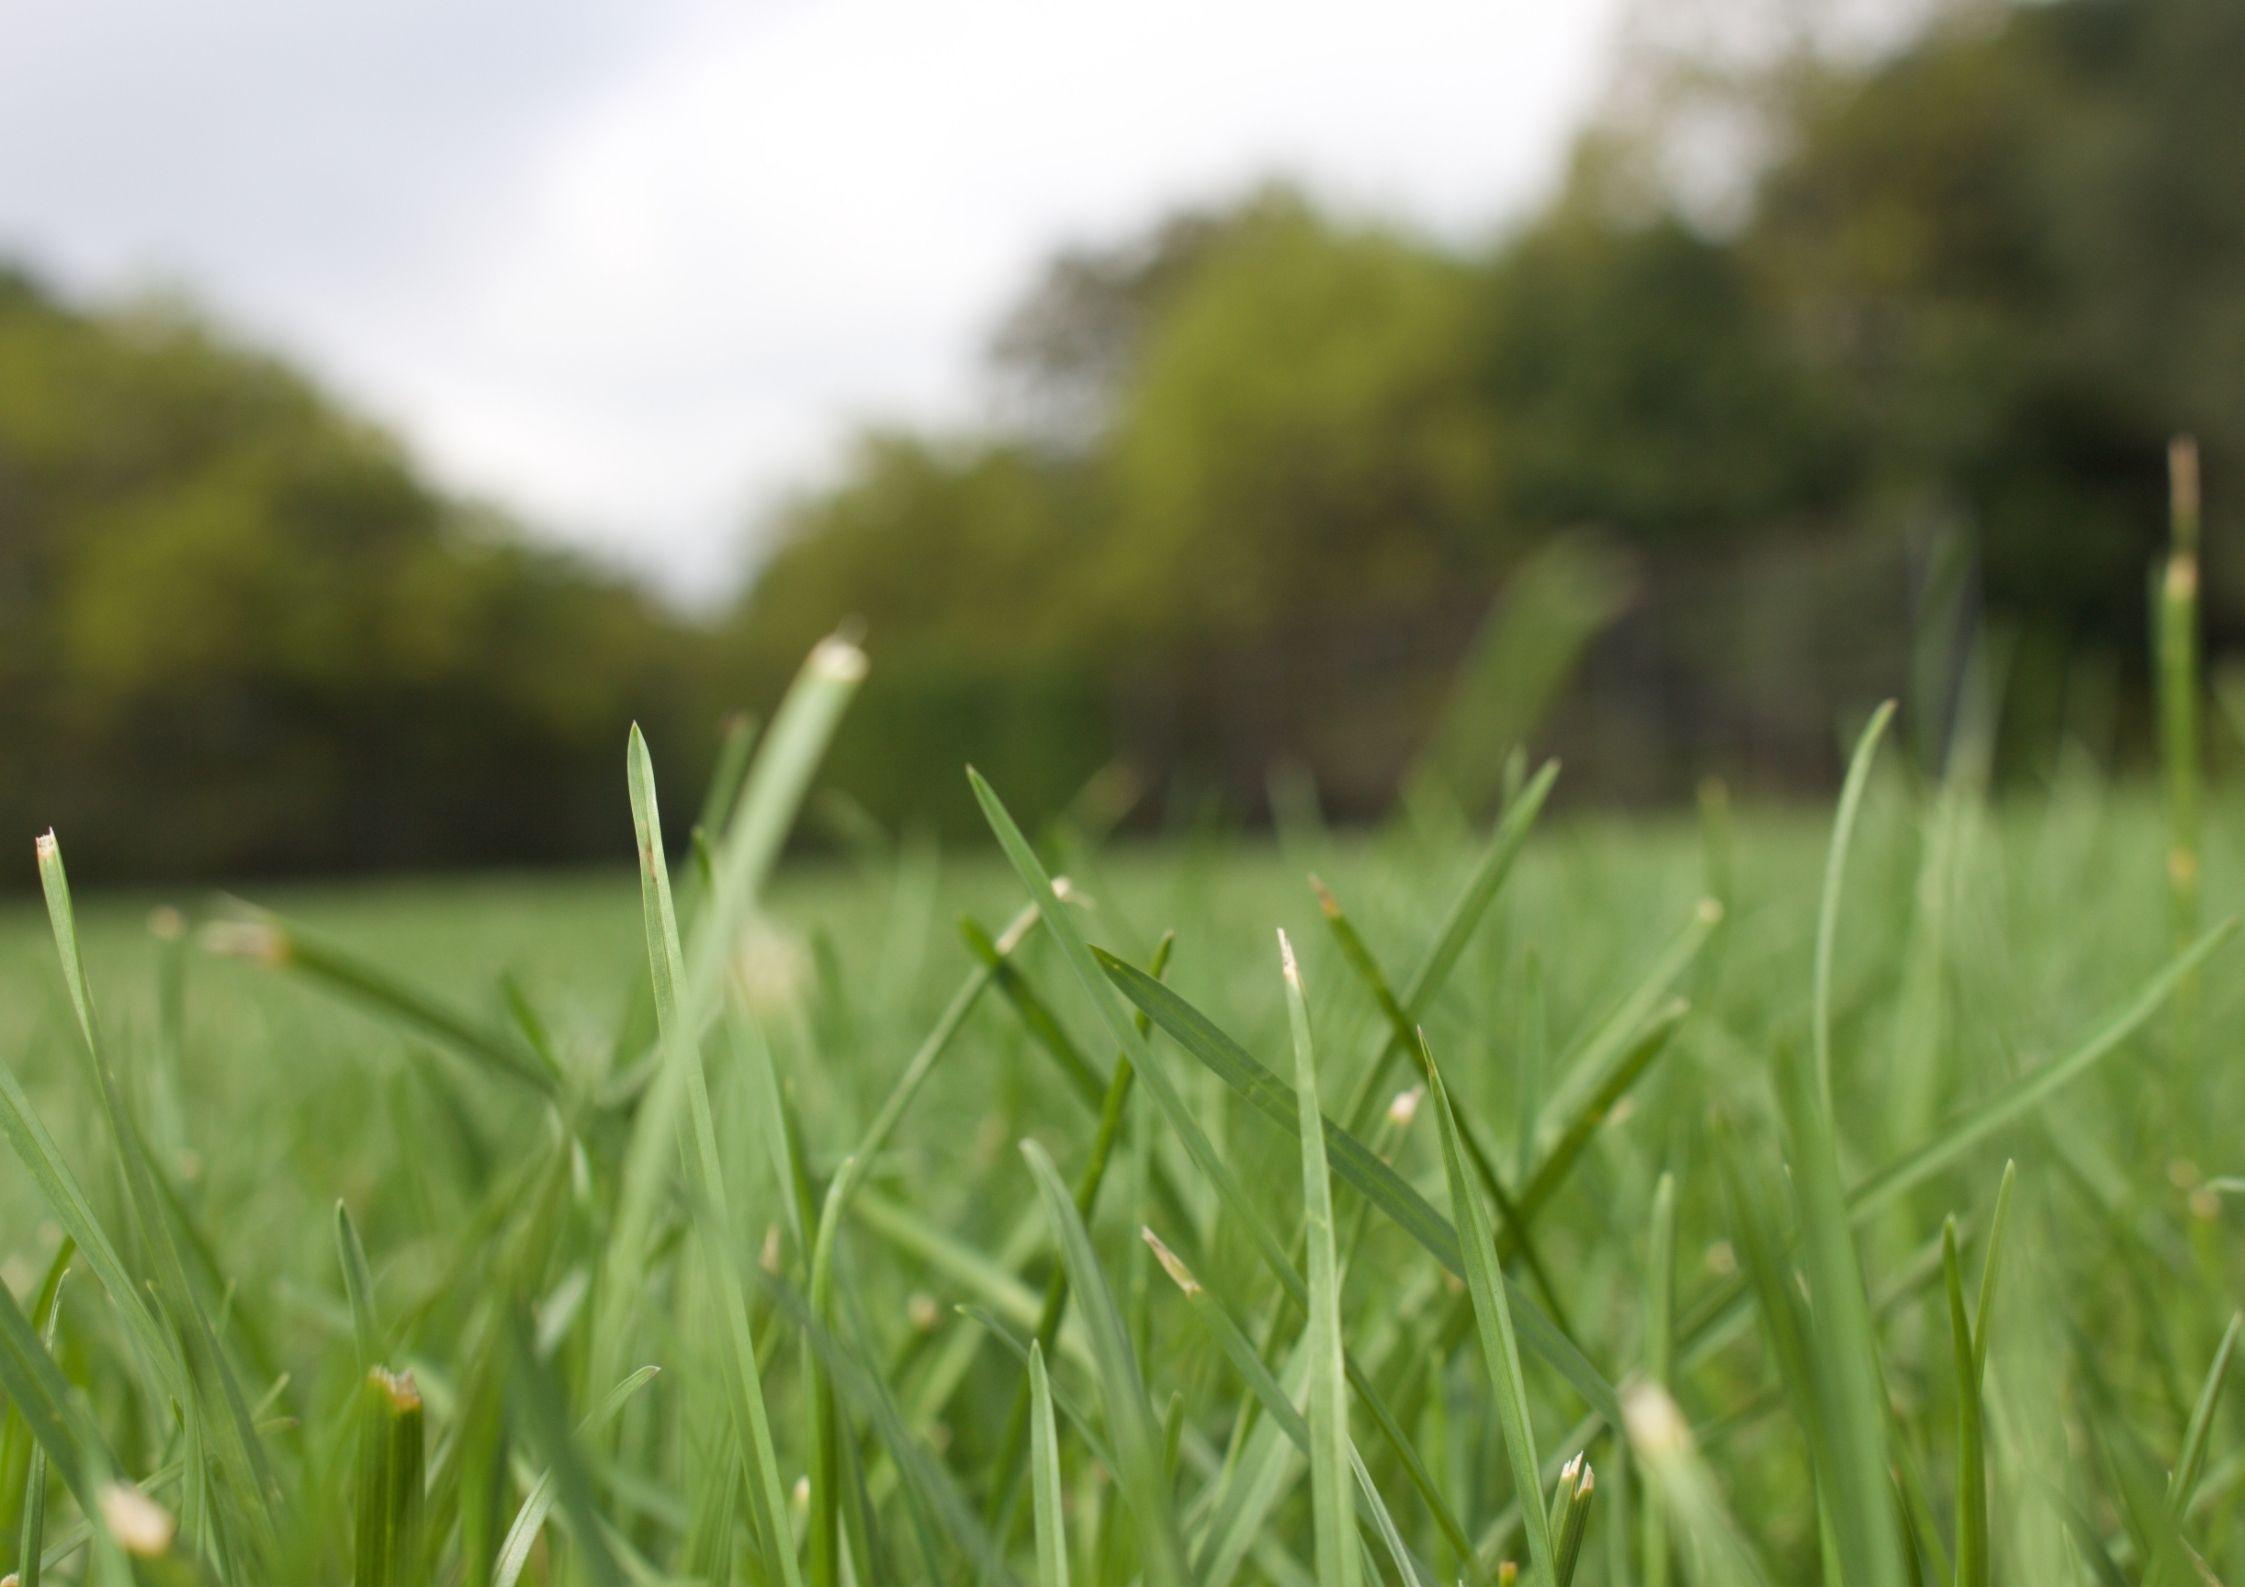 Gress i hagen